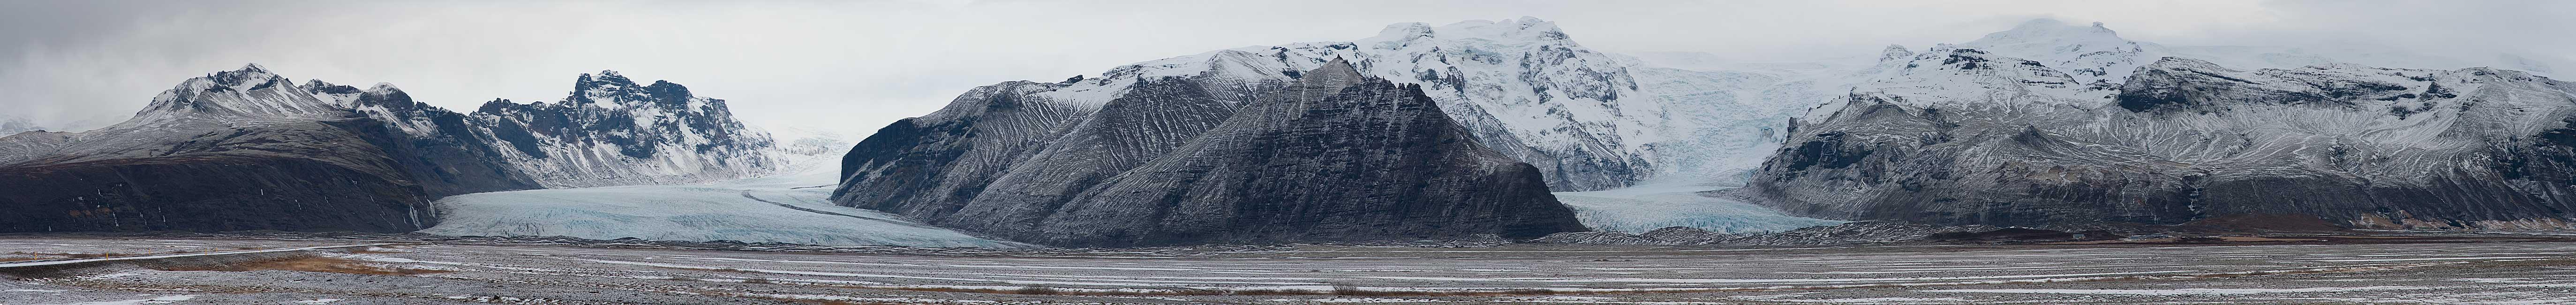 Skaftafellsjökull Svínafellsjökull